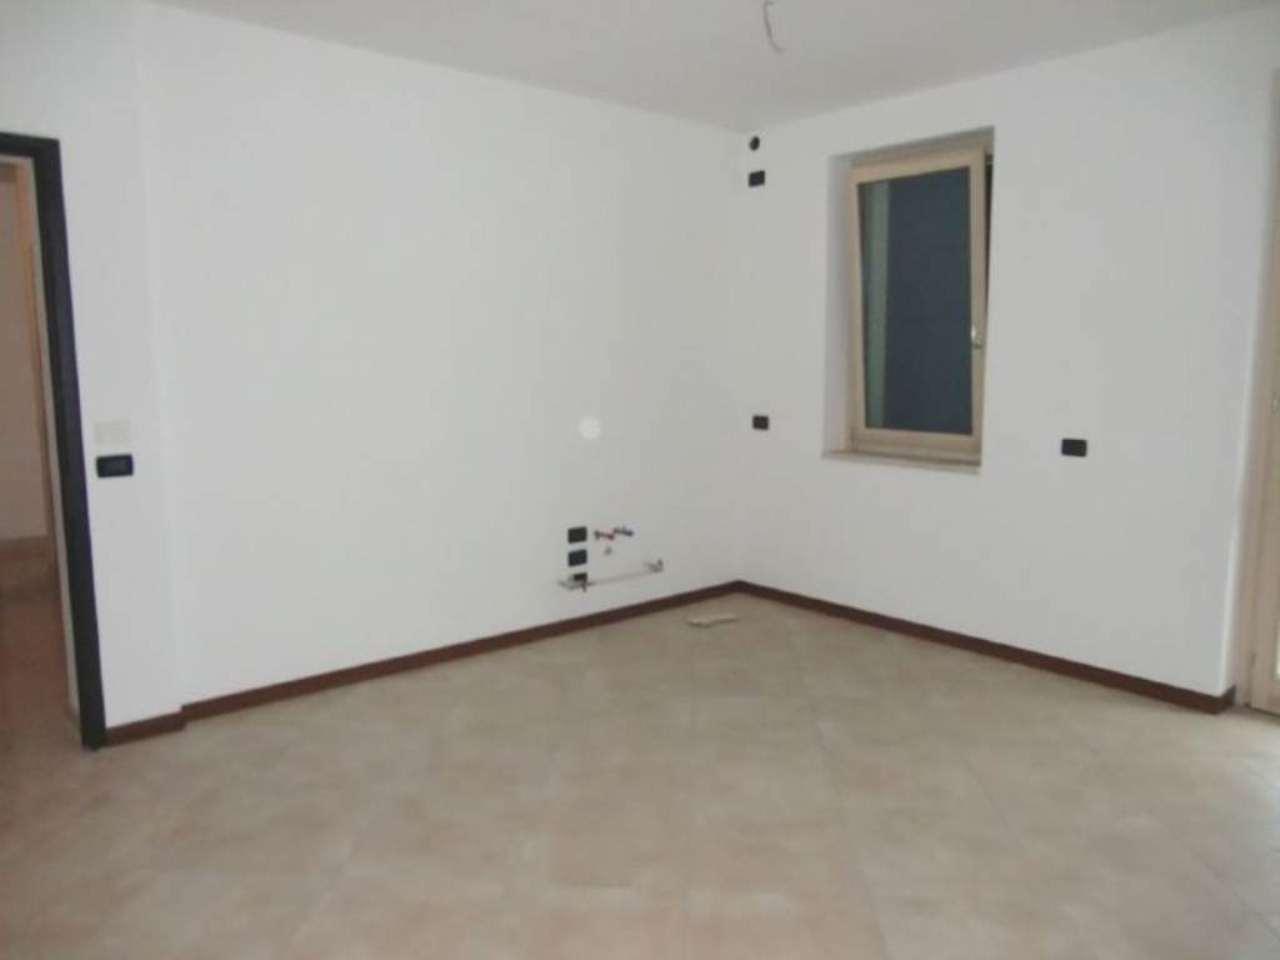 Appartamento in vendita a Sarezzo, 3 locali, Trattative riservate | Cambio Casa.it